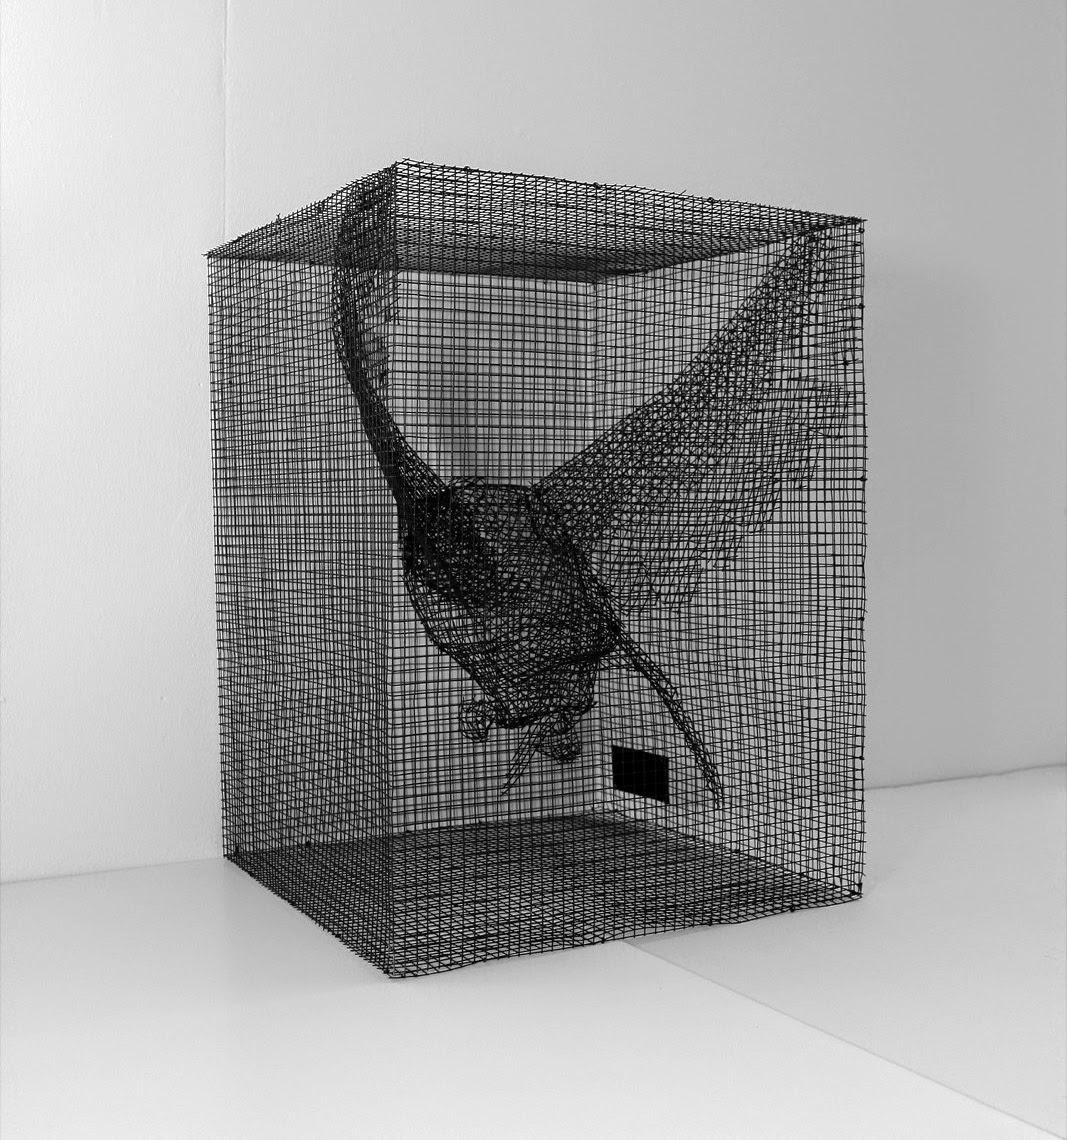 Sculpture Grillage A Poule sculpture grillage